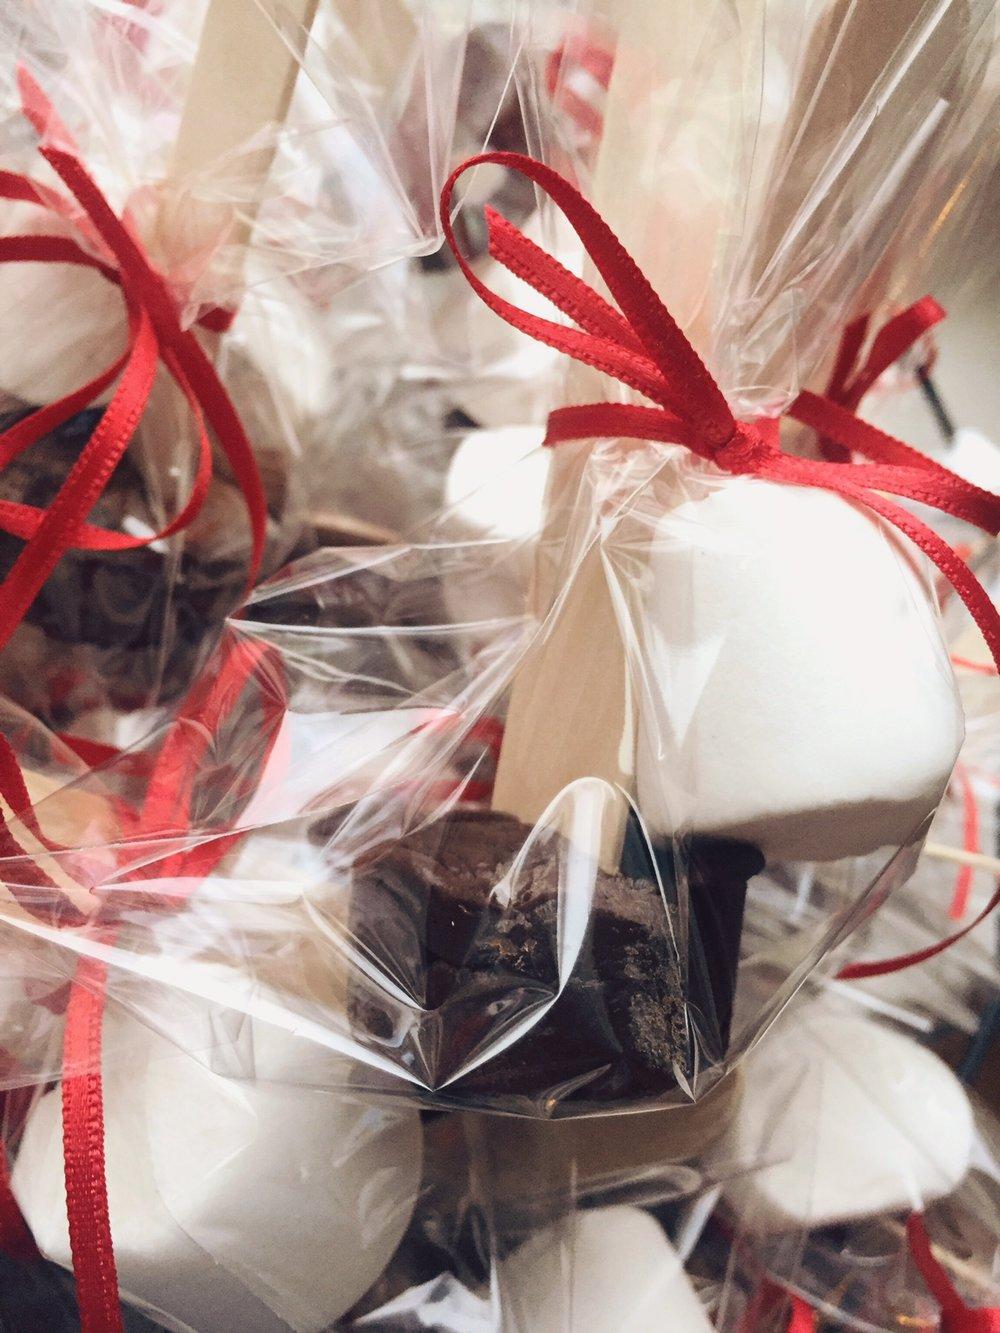 karstā šokolāde uz kociņa - ļoti modīga dāvana un noderēs tiem, kam draugu pulks lielāks par 3 un garšo salds. kociņa galā šokolādes kubiņš, kas, ielikts karstā pienā, izkūst un viss krūzītes saturs apmaisāms ar pāri palikušo kociņu. ļoti gaumīgi.